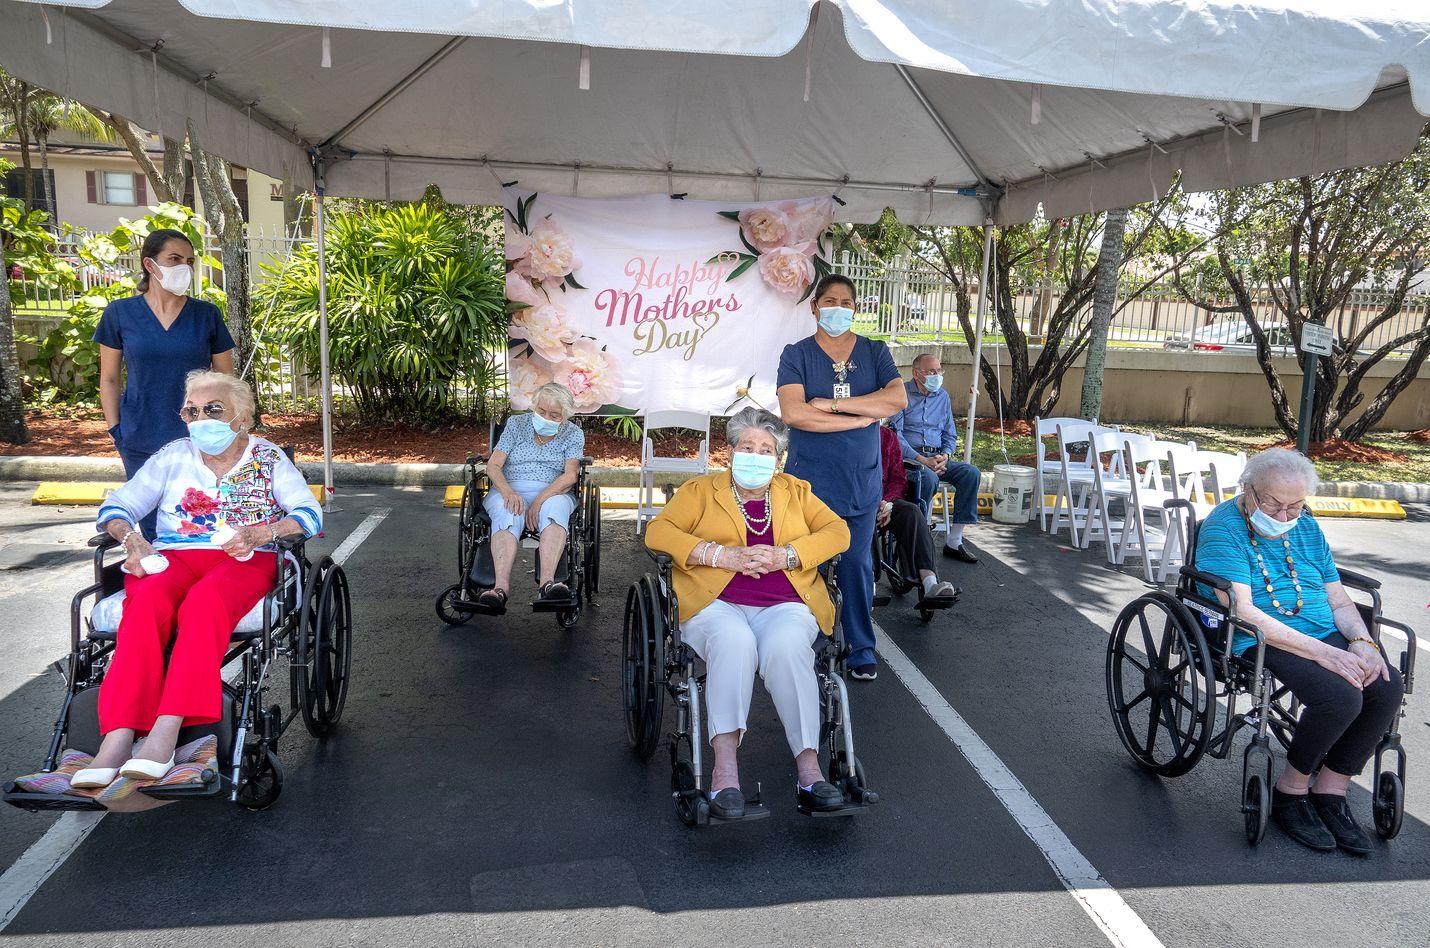 Hoivakodin asukkaat ja henkilökunta viettivät äitienpäivää Floridassa toukokuussa. Noin sata asukasta ja heidän perheensä osallistuivat juhlallisuuksiin. Hoivakodit ovat olleet eristyksissä maaliskuun alusta asti.